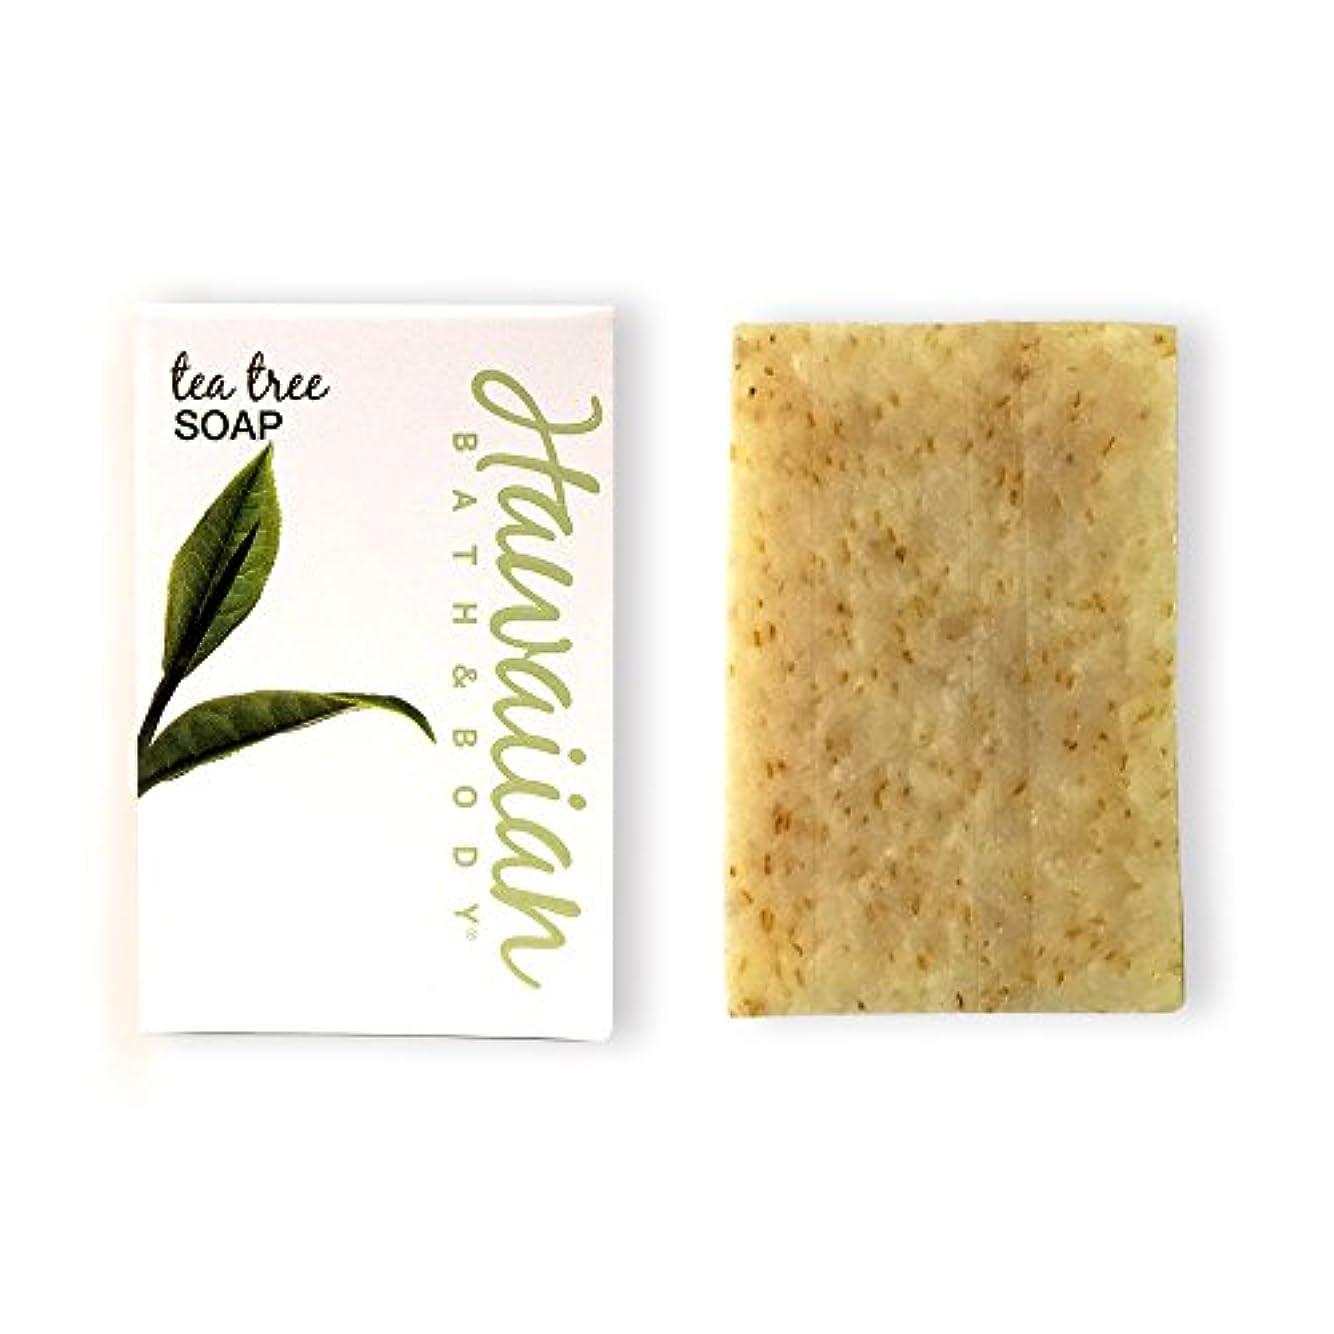 該当する十代の若者たち山積みのハワイアンバス&ボディ ティーツリーソープ(トロピカルブレンド)( Tea Tree Soap )